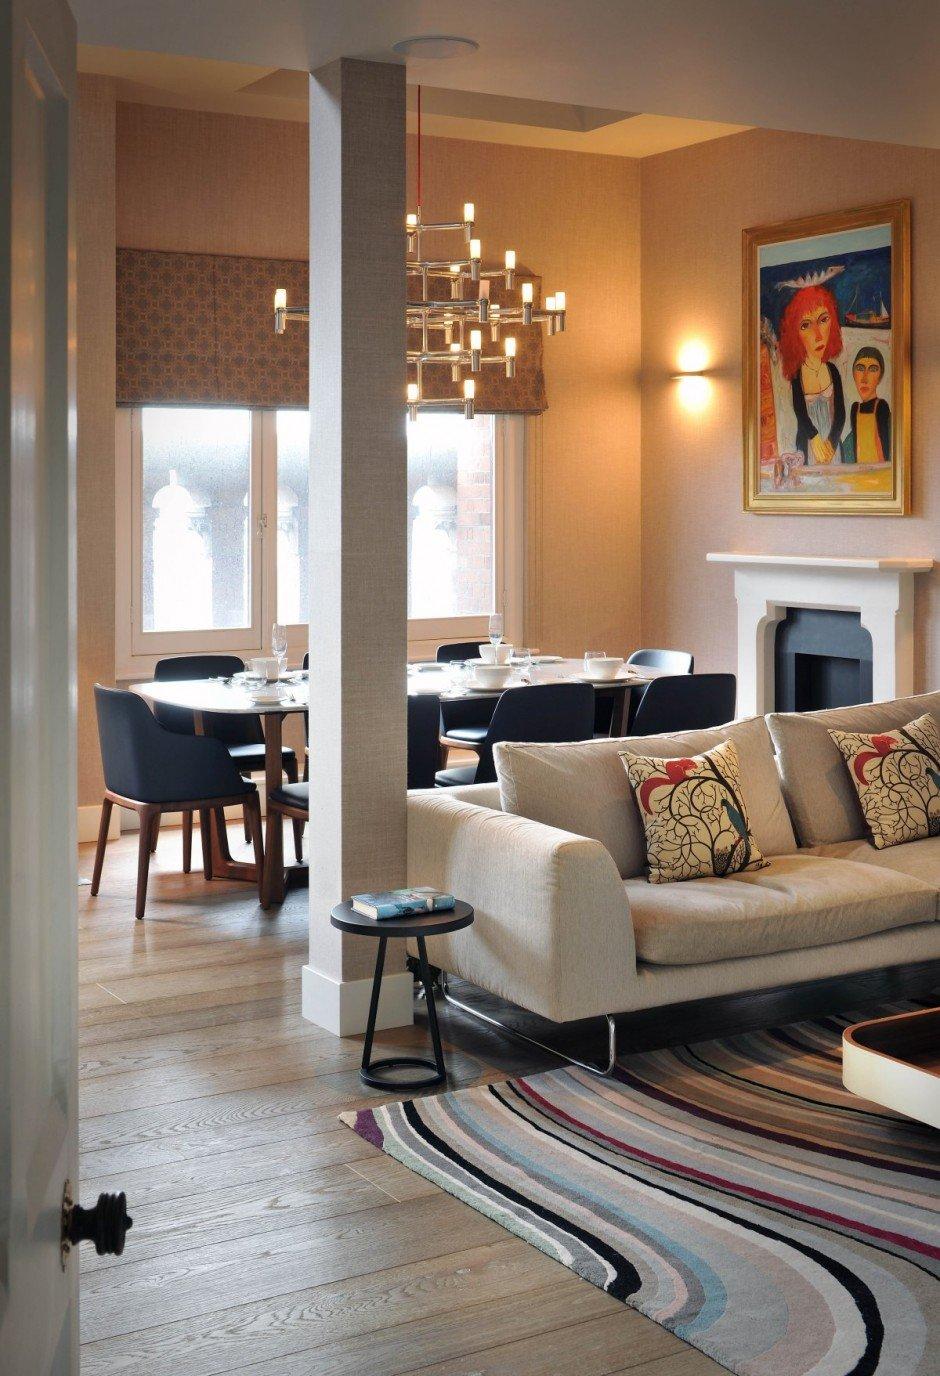 Фотография: Кухня и столовая в стиле Современный, Квартира, Flos, Дома и квартиры, Лондон, Лестница, Библиотека, Готический – фото на INMYROOM